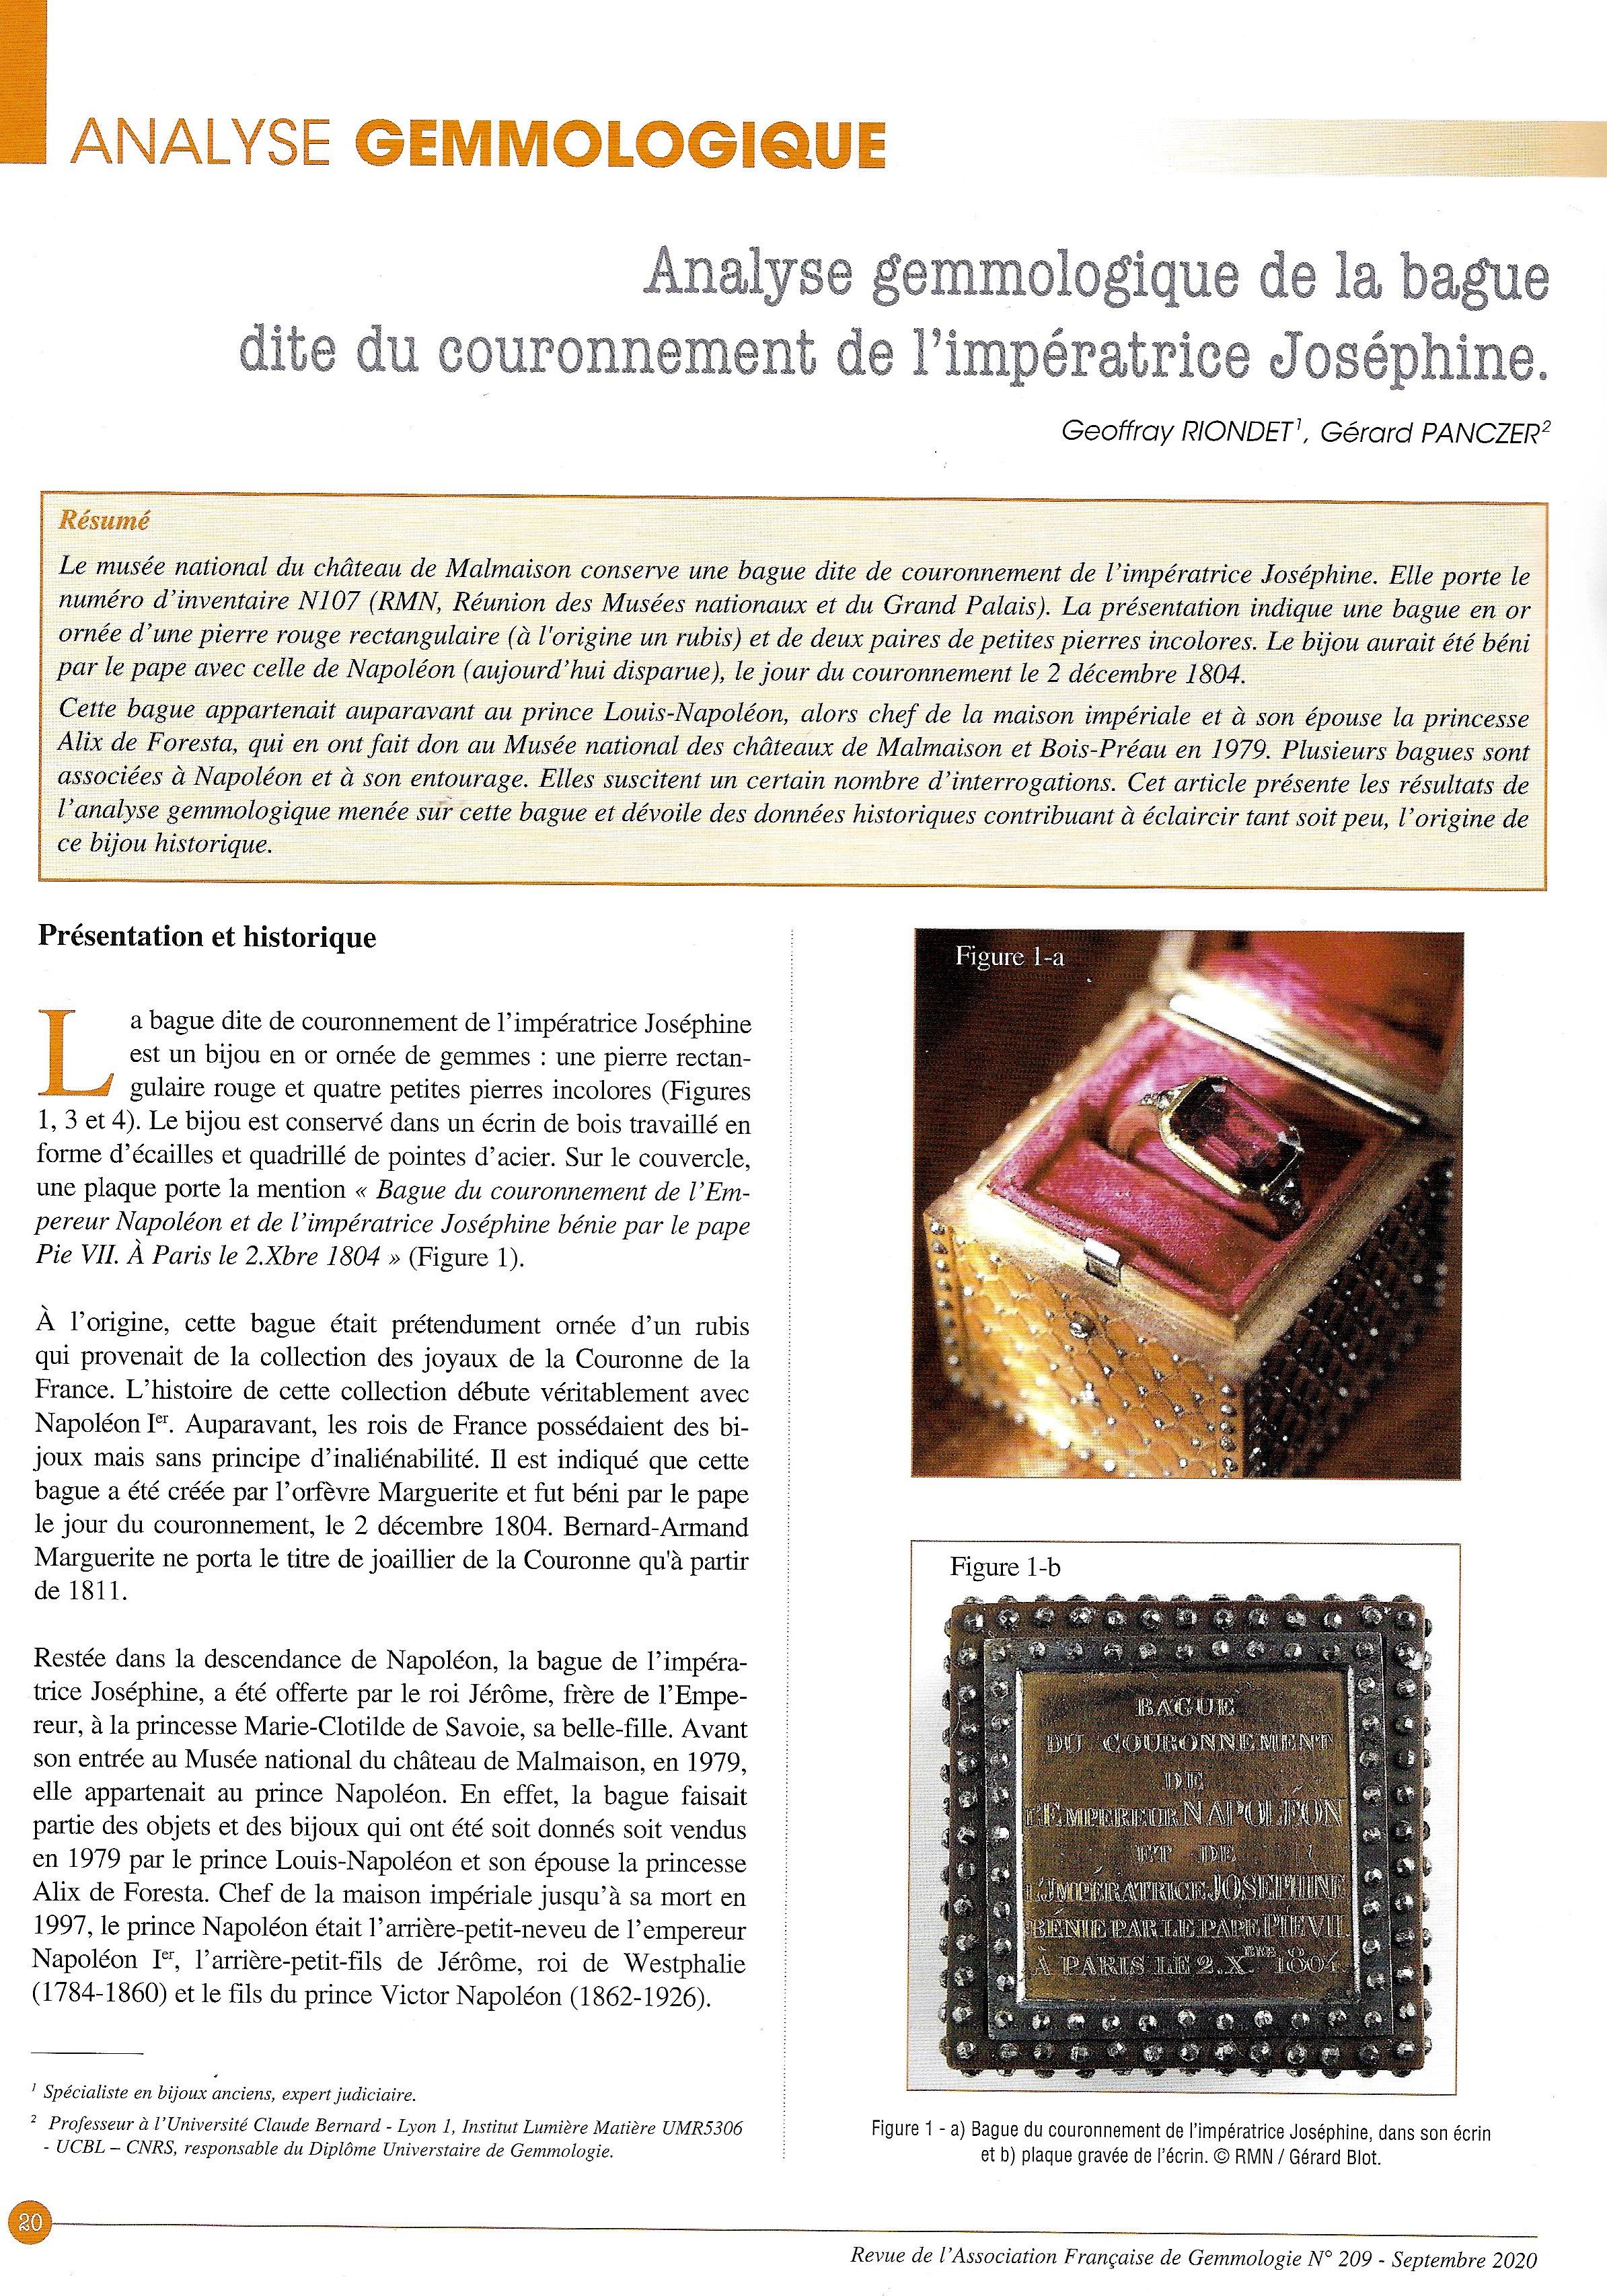 Parution de l'article « Analyse gemmologique de la bague dite du couronnement de l'impératrice Joséphine » dans la Revue de gemmologie AFG